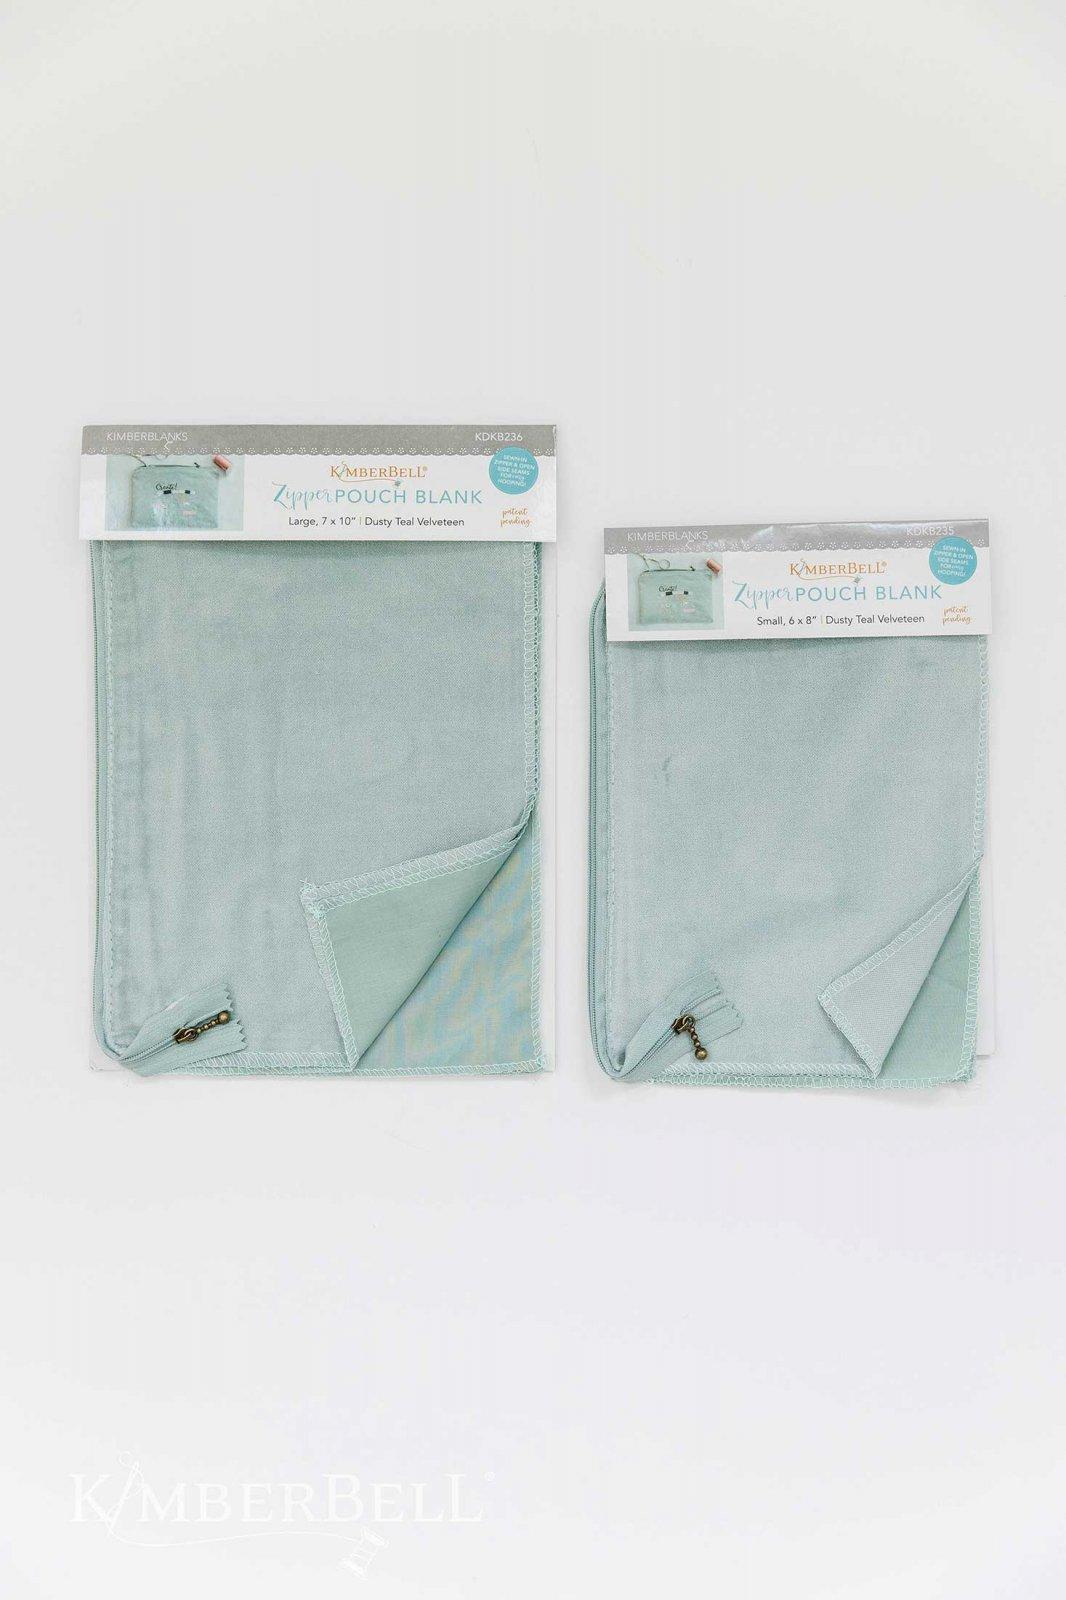 Velveteen Zipper Pouch Blank - Dusty Teal